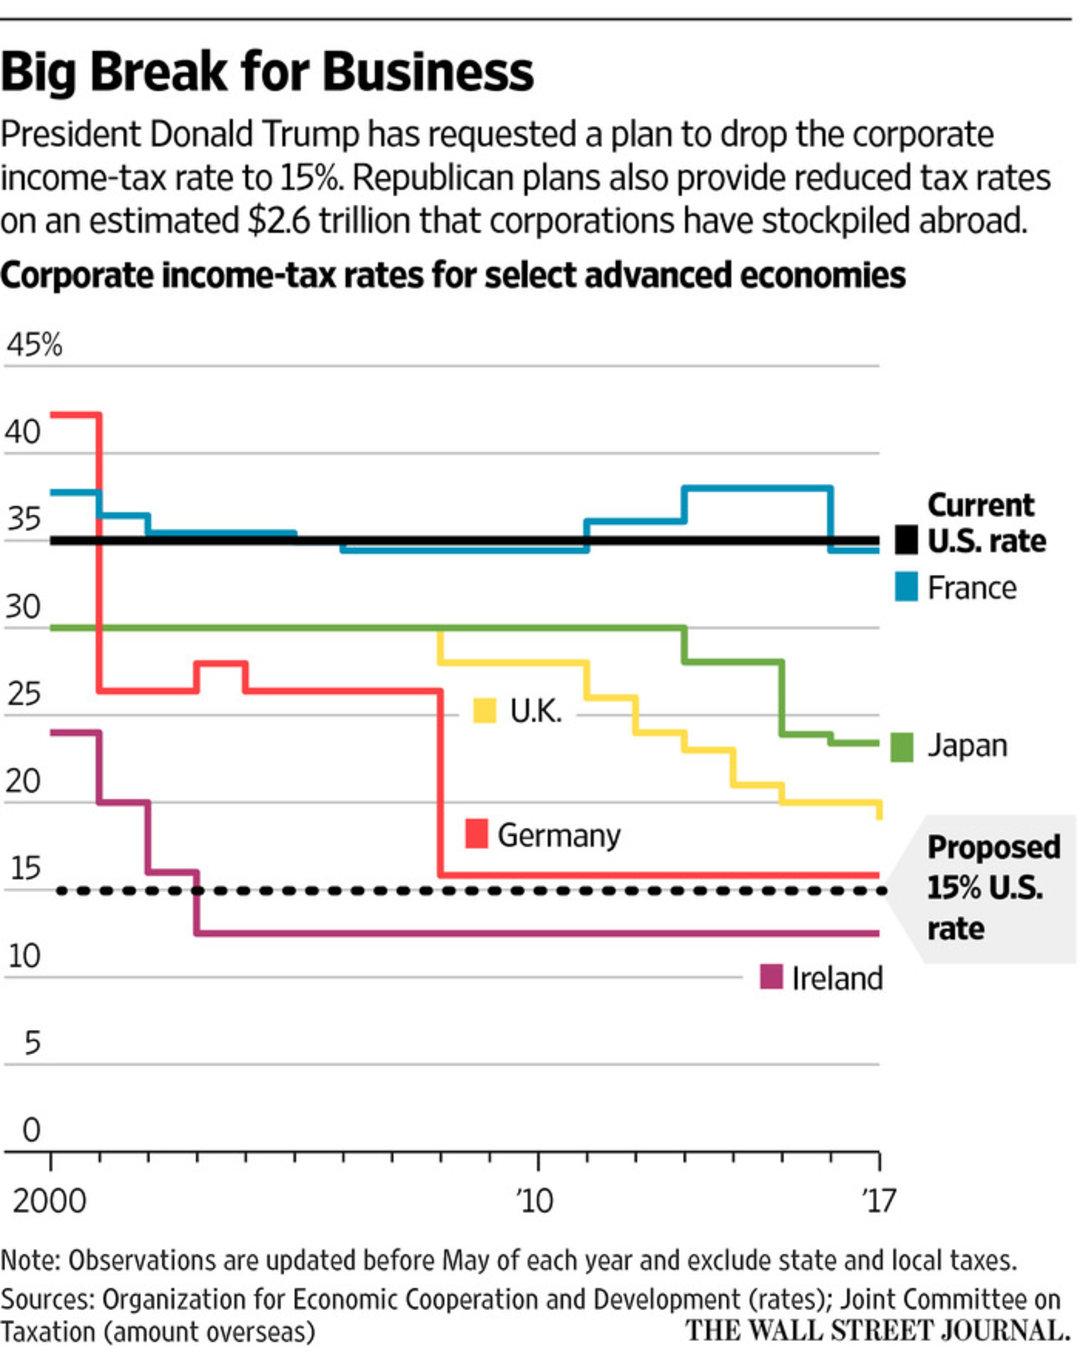 特朗普上任 100 天之际公布的减税计划,没能让市场高兴起来_商业_好奇心日报